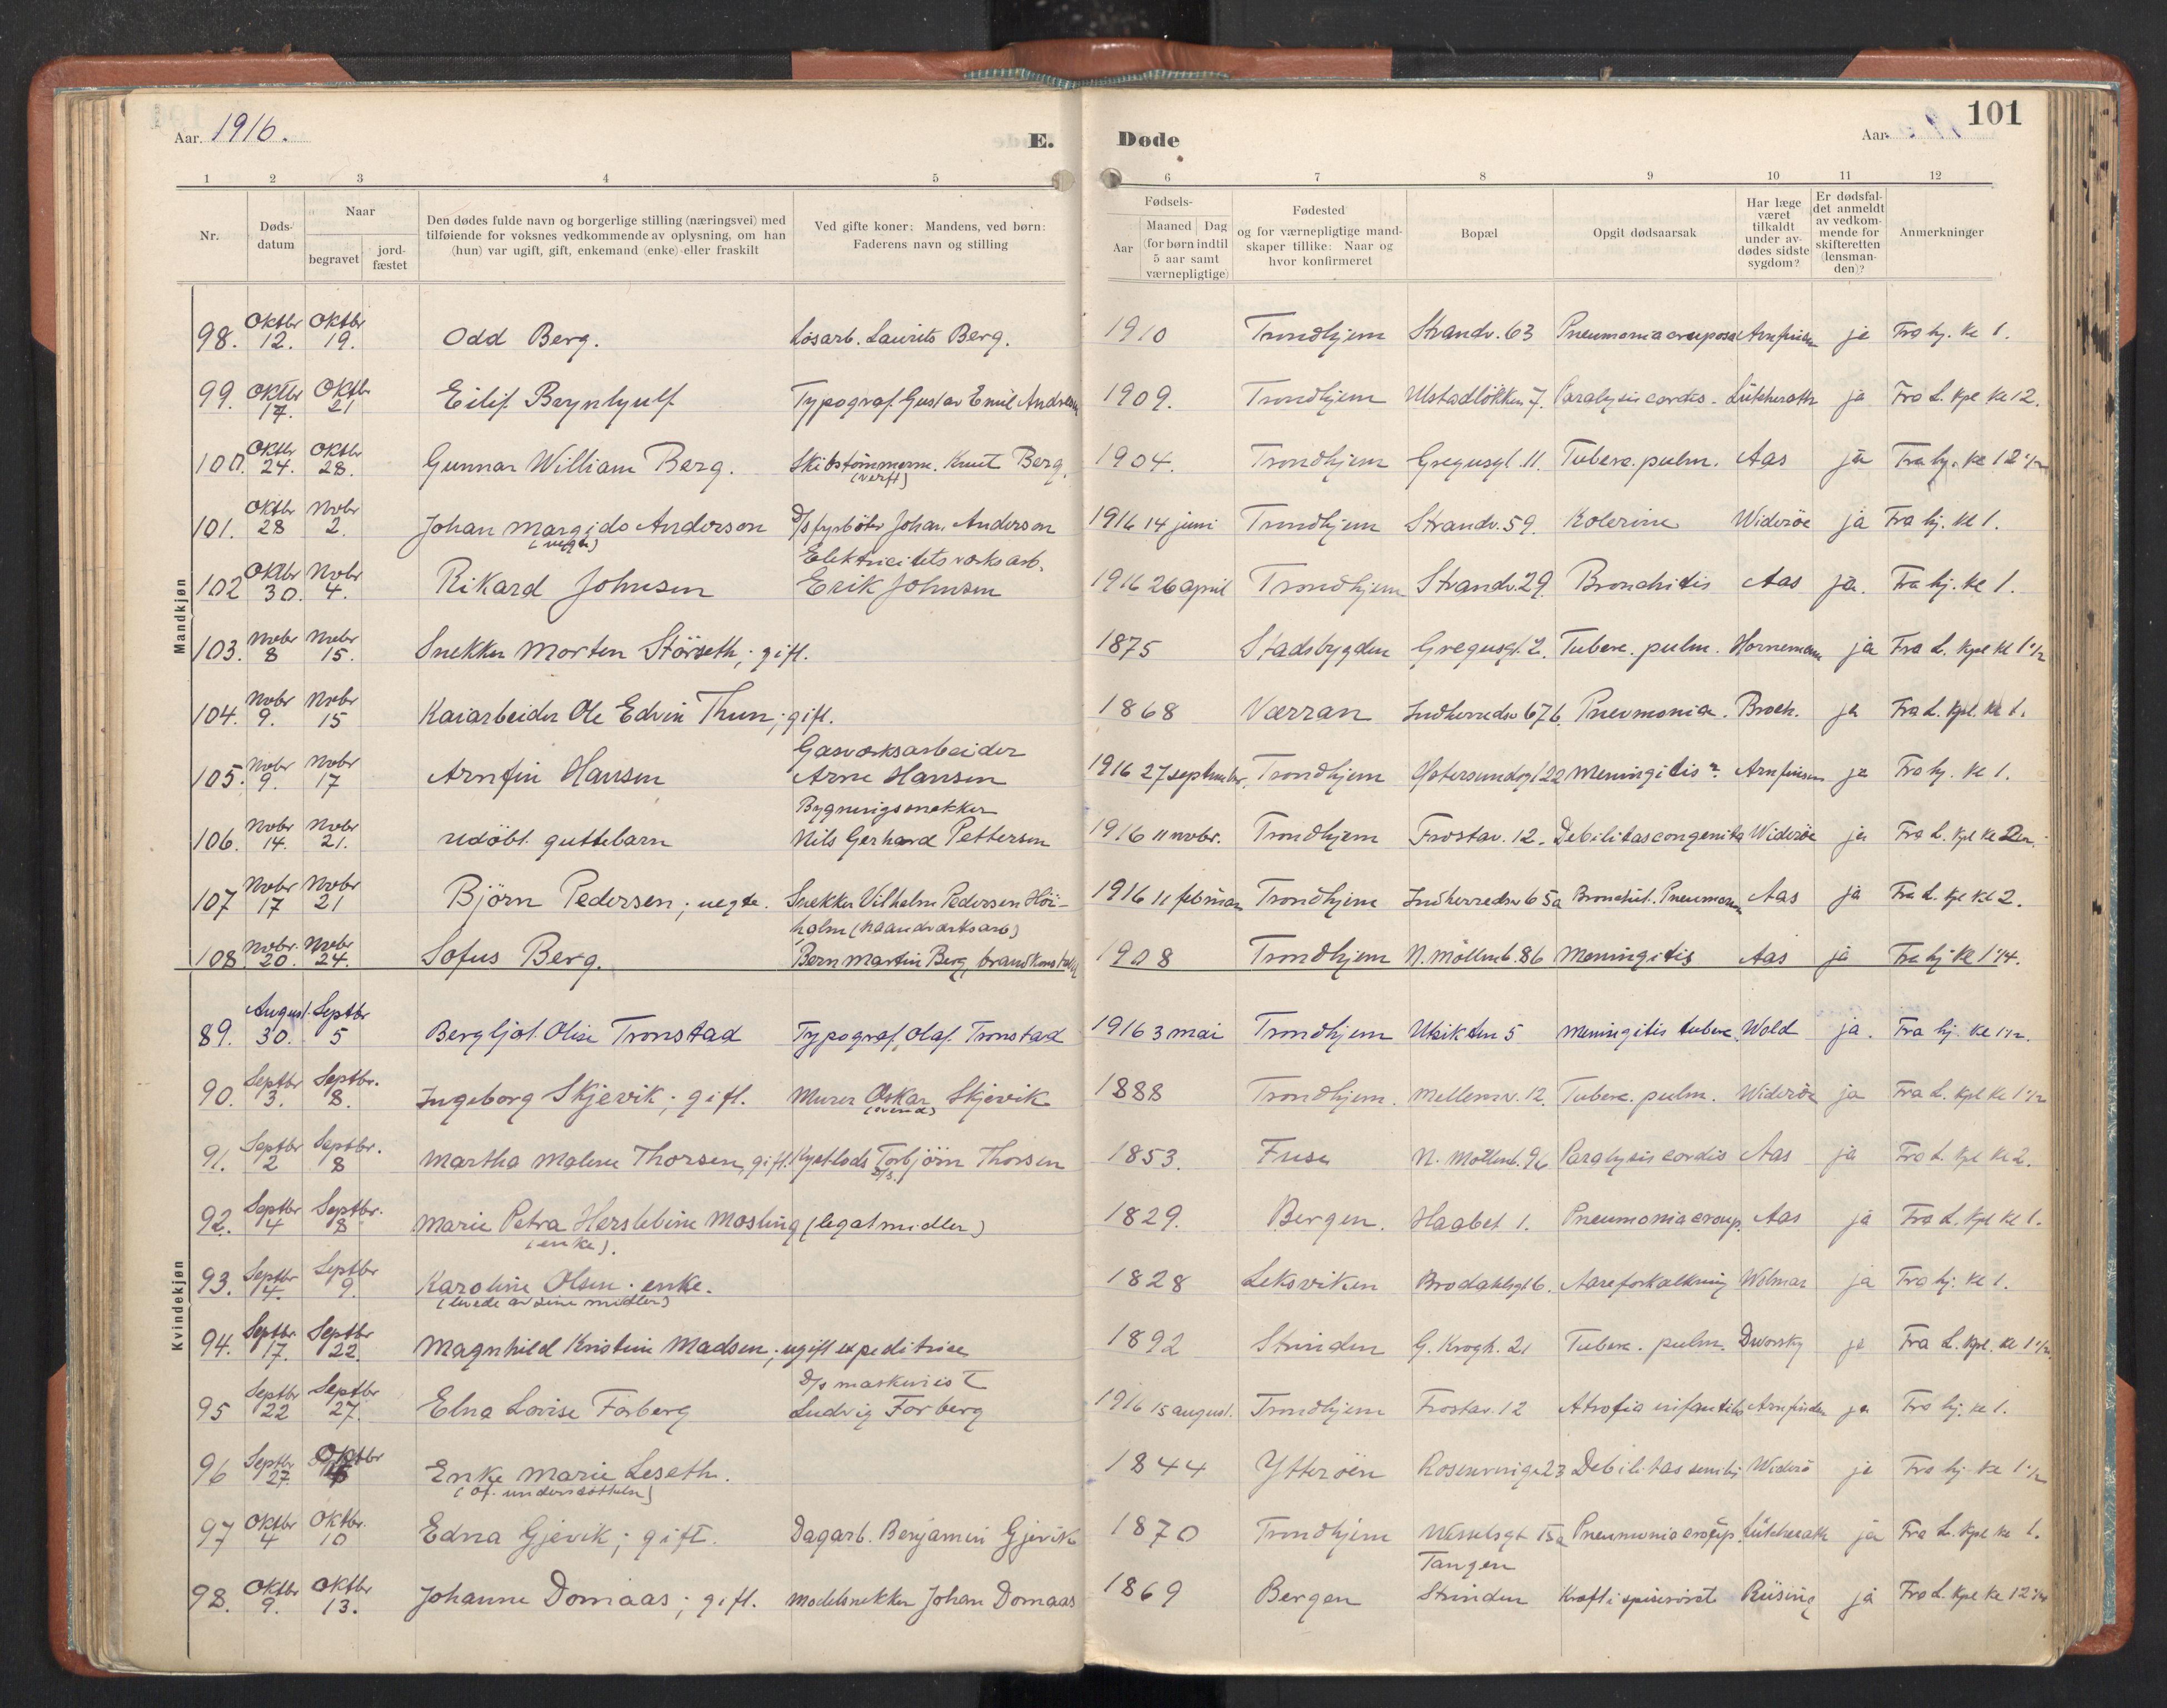 SAT, Ministerialprotokoller, klokkerbøker og fødselsregistre - Sør-Trøndelag, 605/L0245: Ministerialbok nr. 605A07, 1916-1938, s. 101